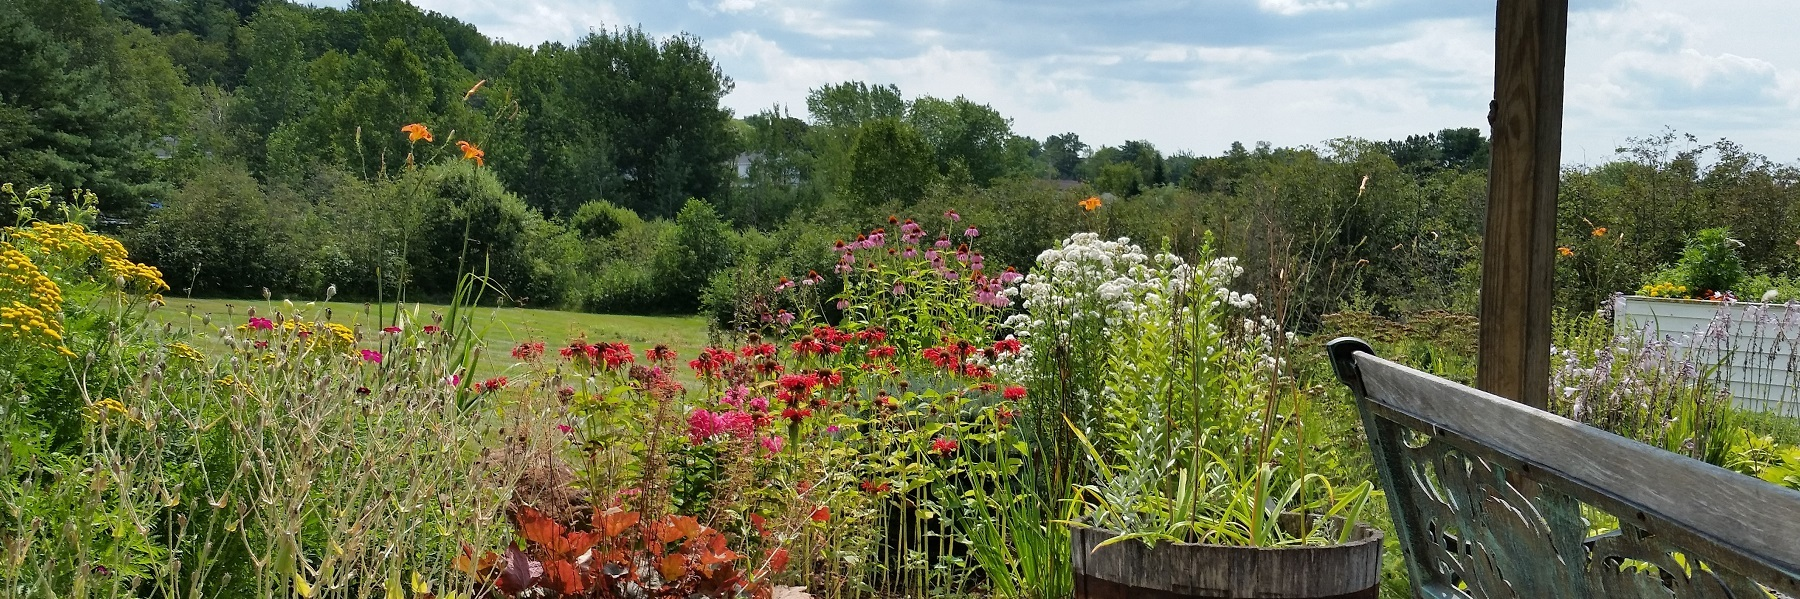 Cushing Gardens